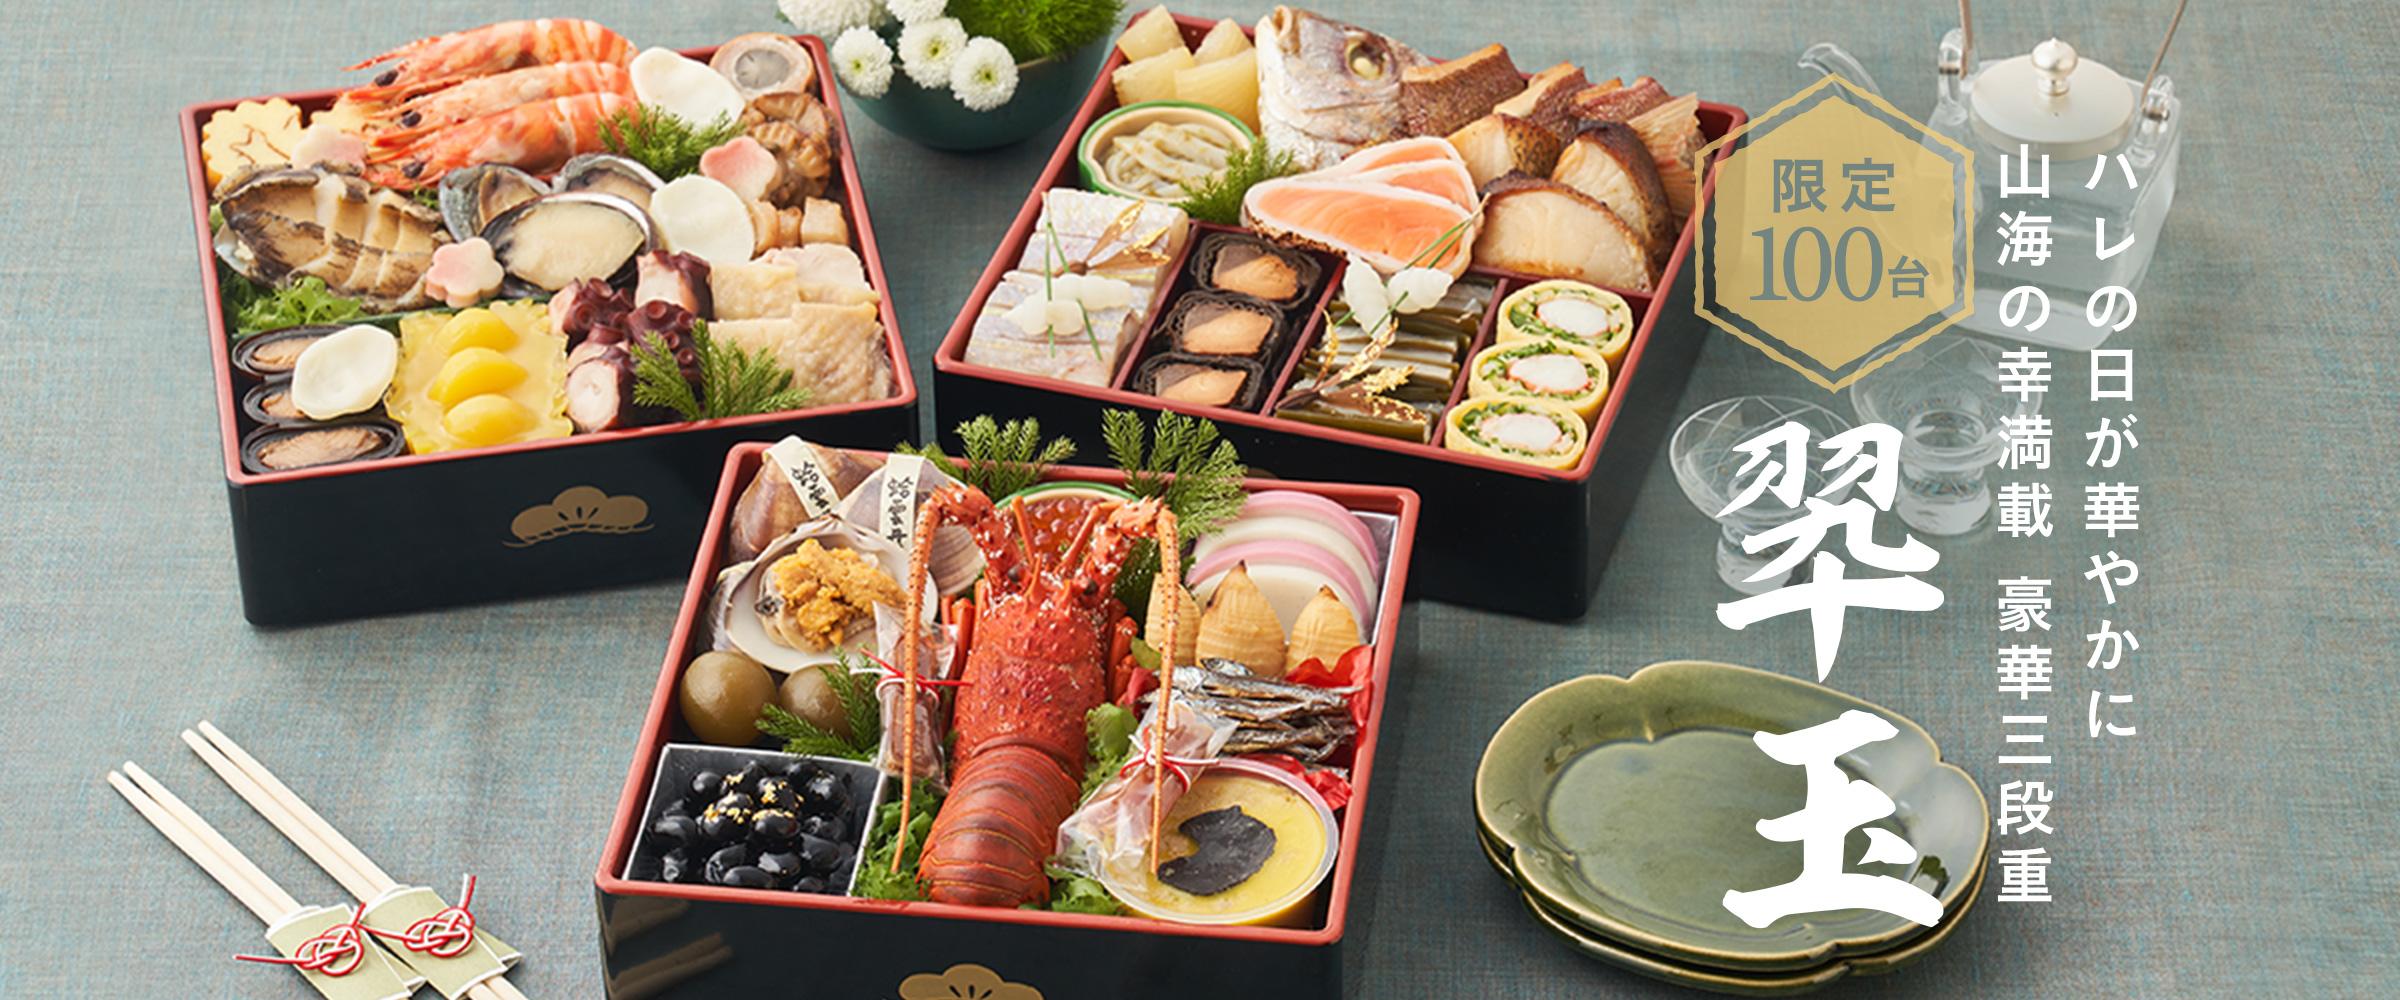 2022年オイシックスのおせち料理『翠玉』お得な早割で5,000円割引!